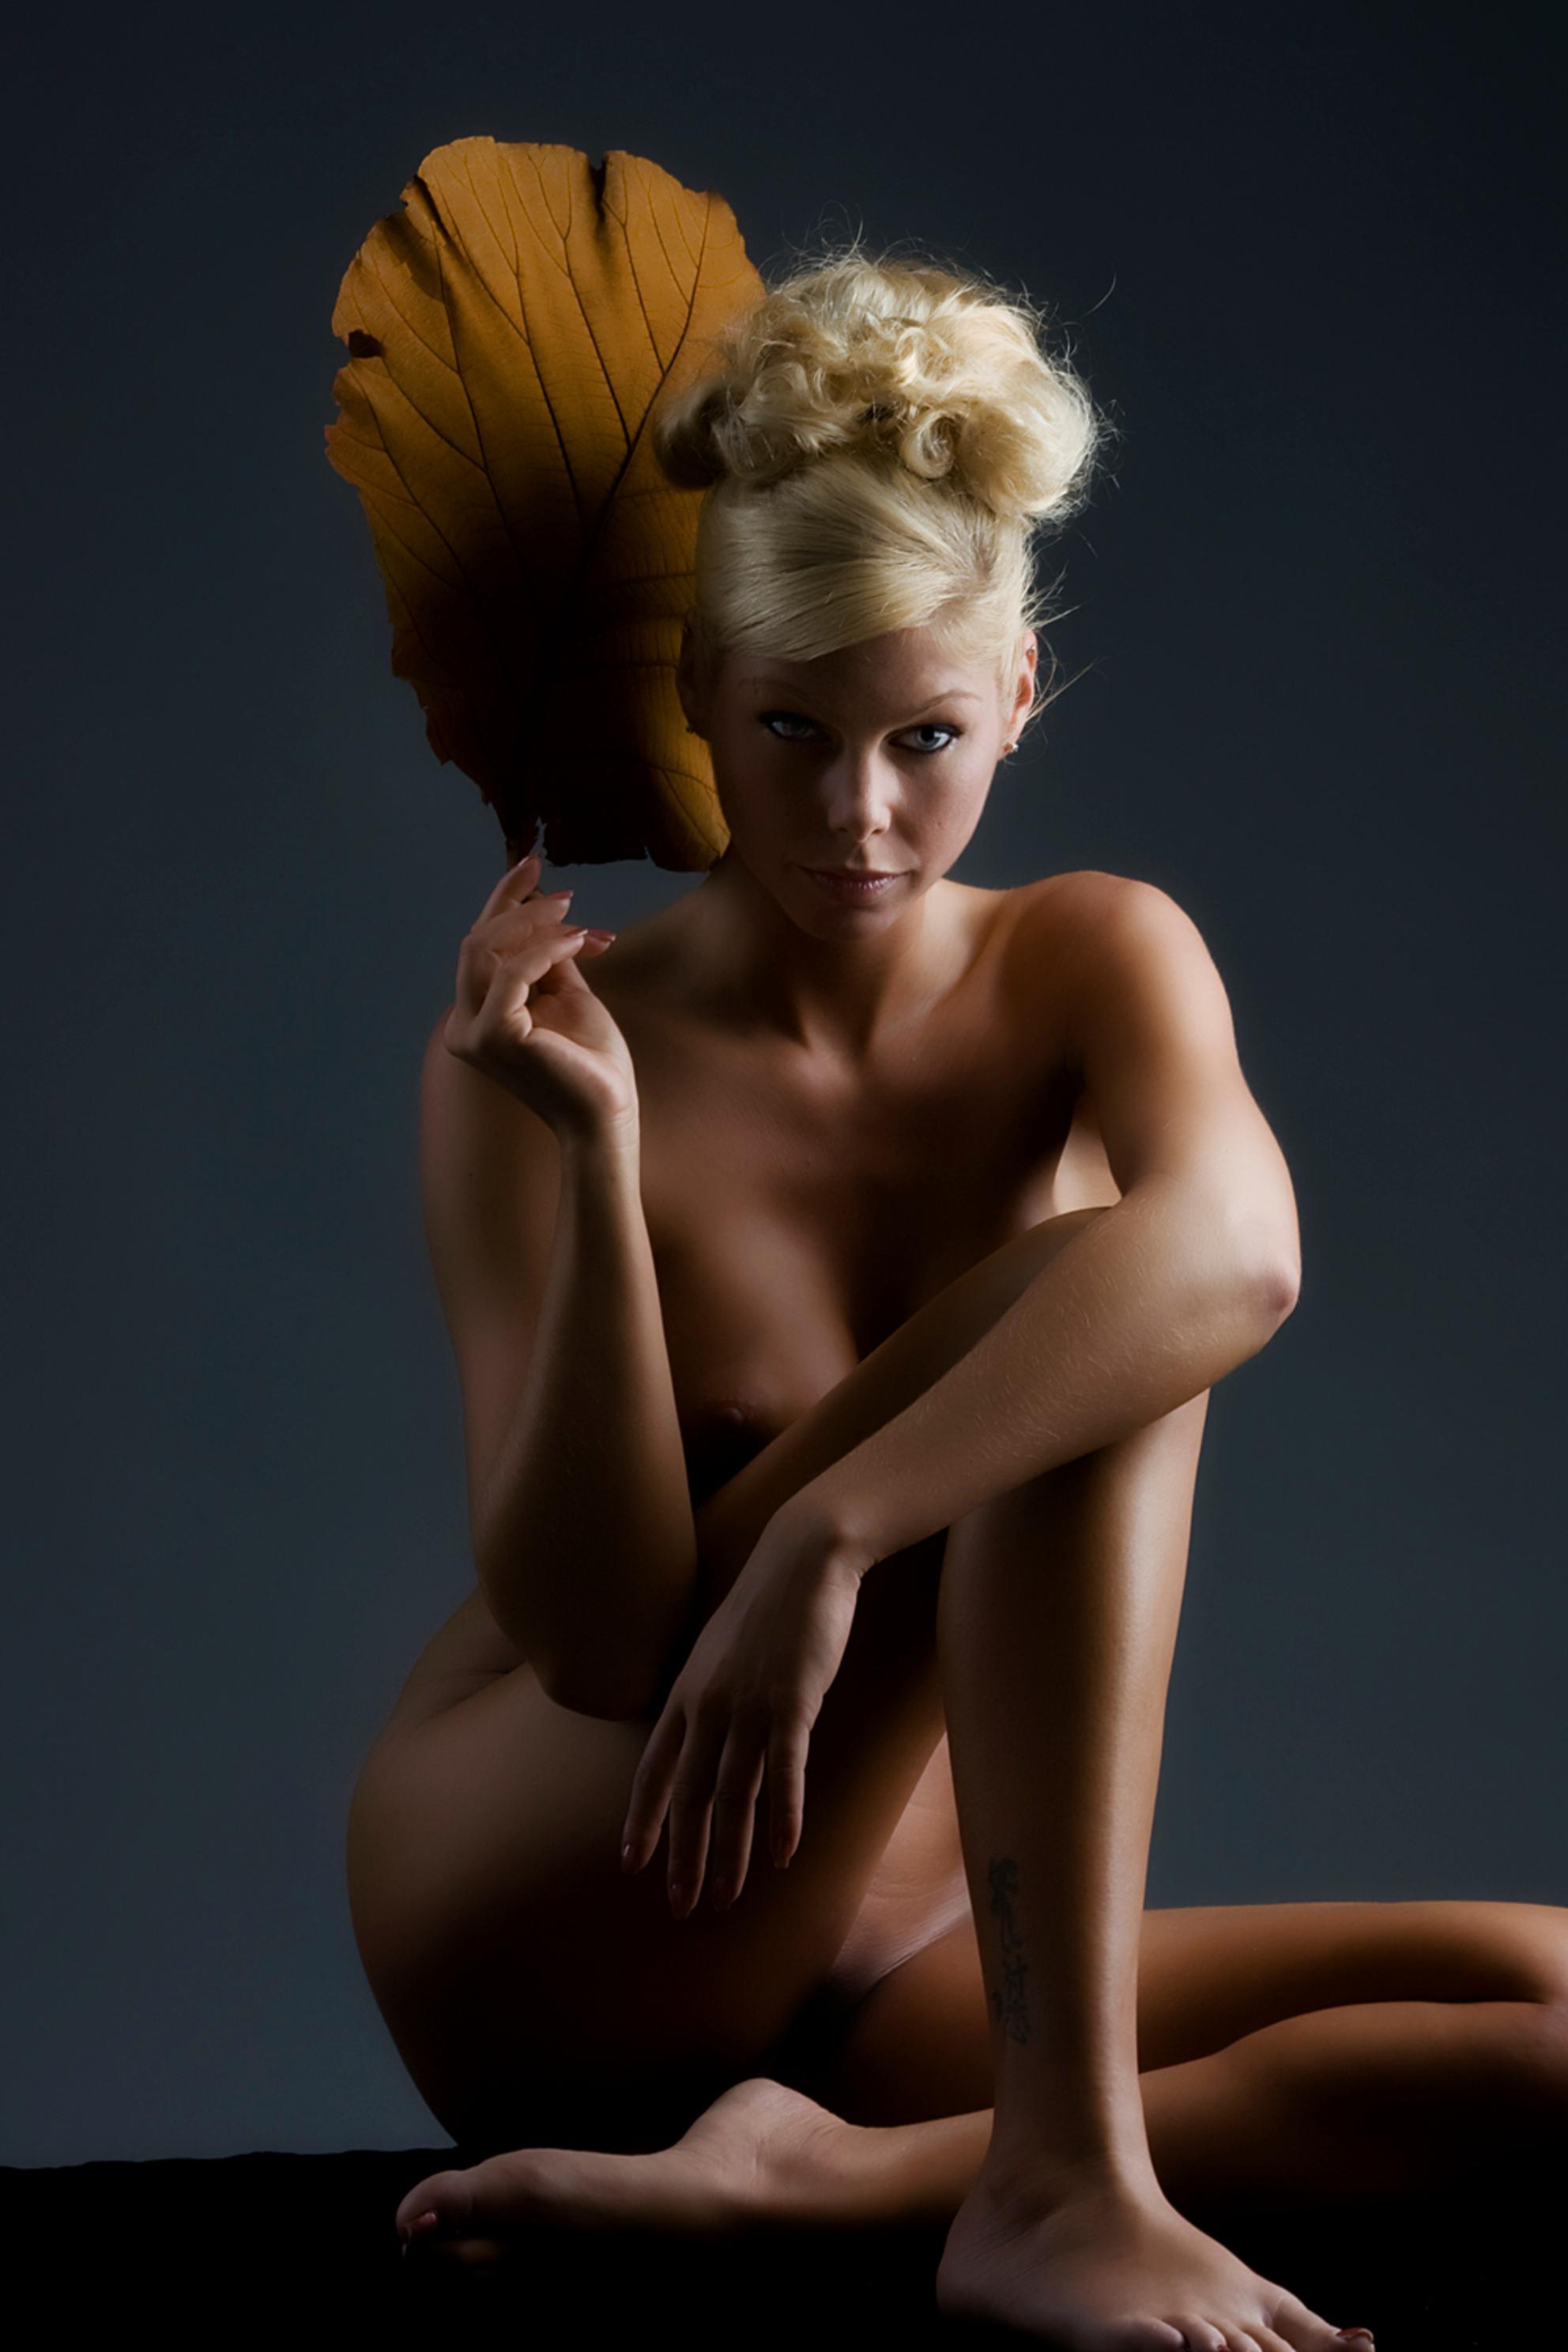 xxxxxxxxxxxxxxxxx - xxxxxxxxxxxxx - foto door boldy_zoom op 24-10-2008 - deze foto bevat: donker, handen, erotiek, mooi, naakt, jong, schoonheid, blond, nagels, lichaam, borsten, bloot, tepel, sexy, verlangen, onschuld - Deze foto mag gebruikt worden in een Zoom.nl publicatie